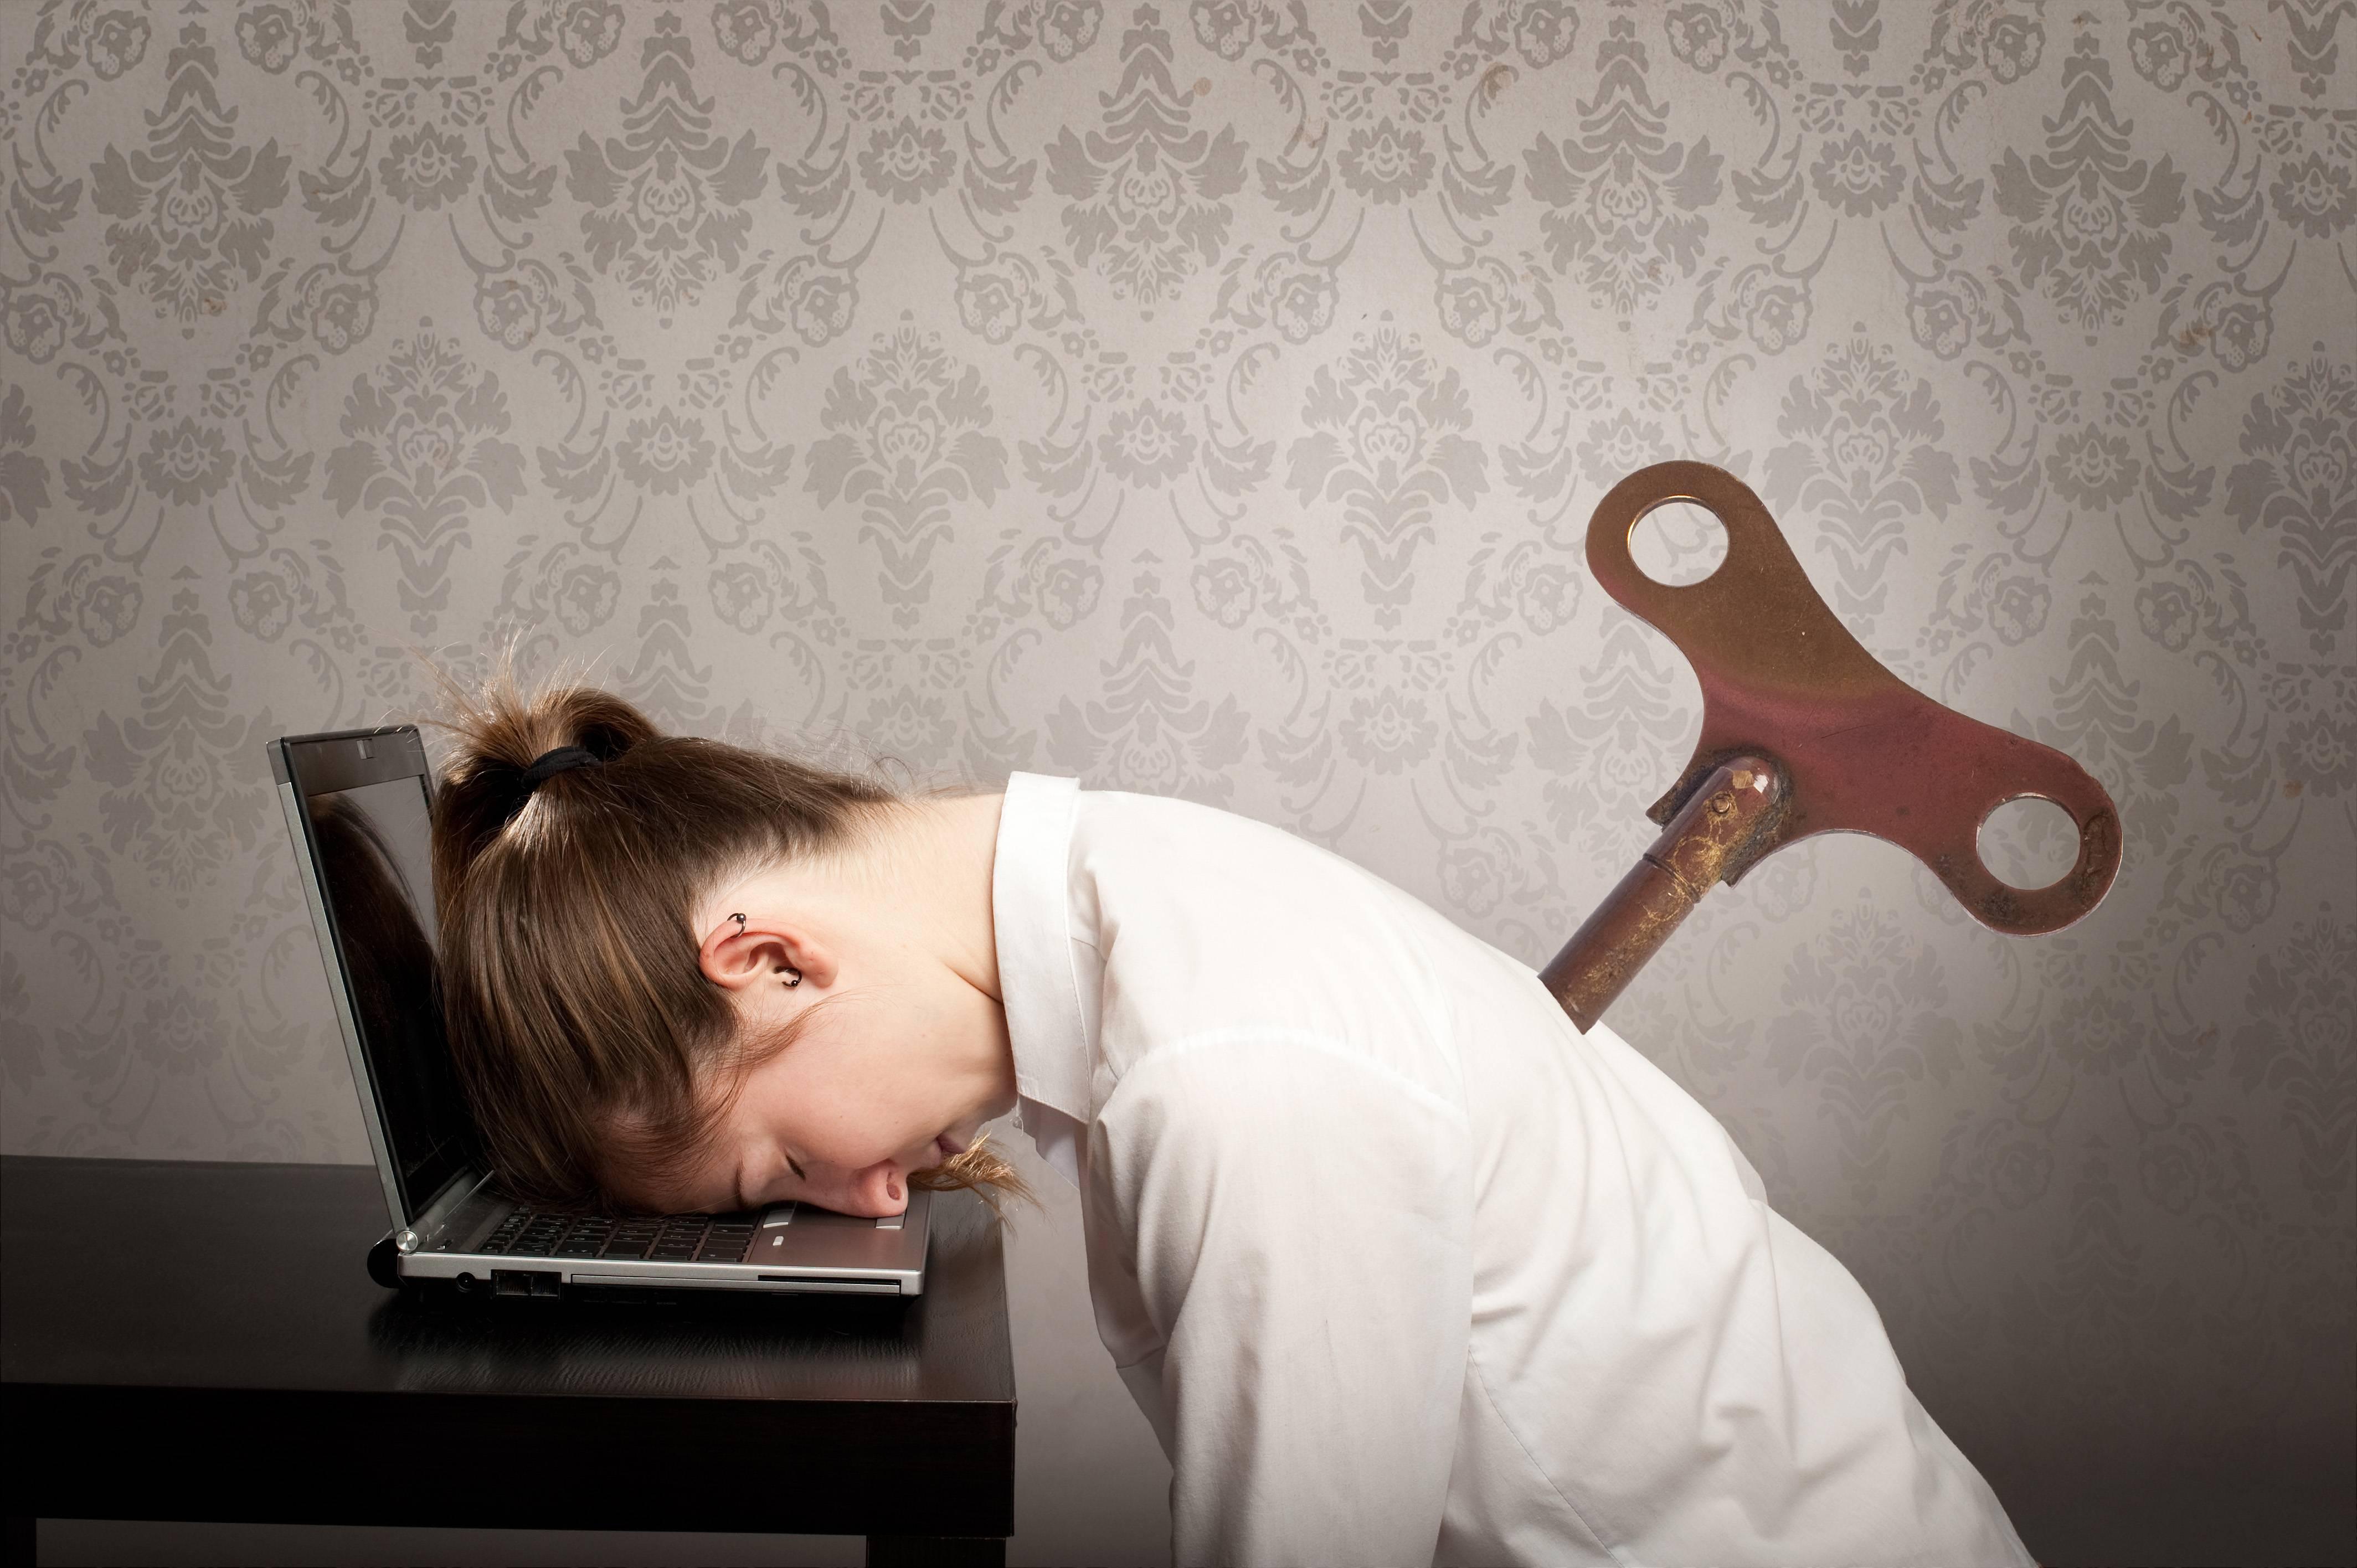 Как побороть лень и усталость: причины и способы борьбы с ними